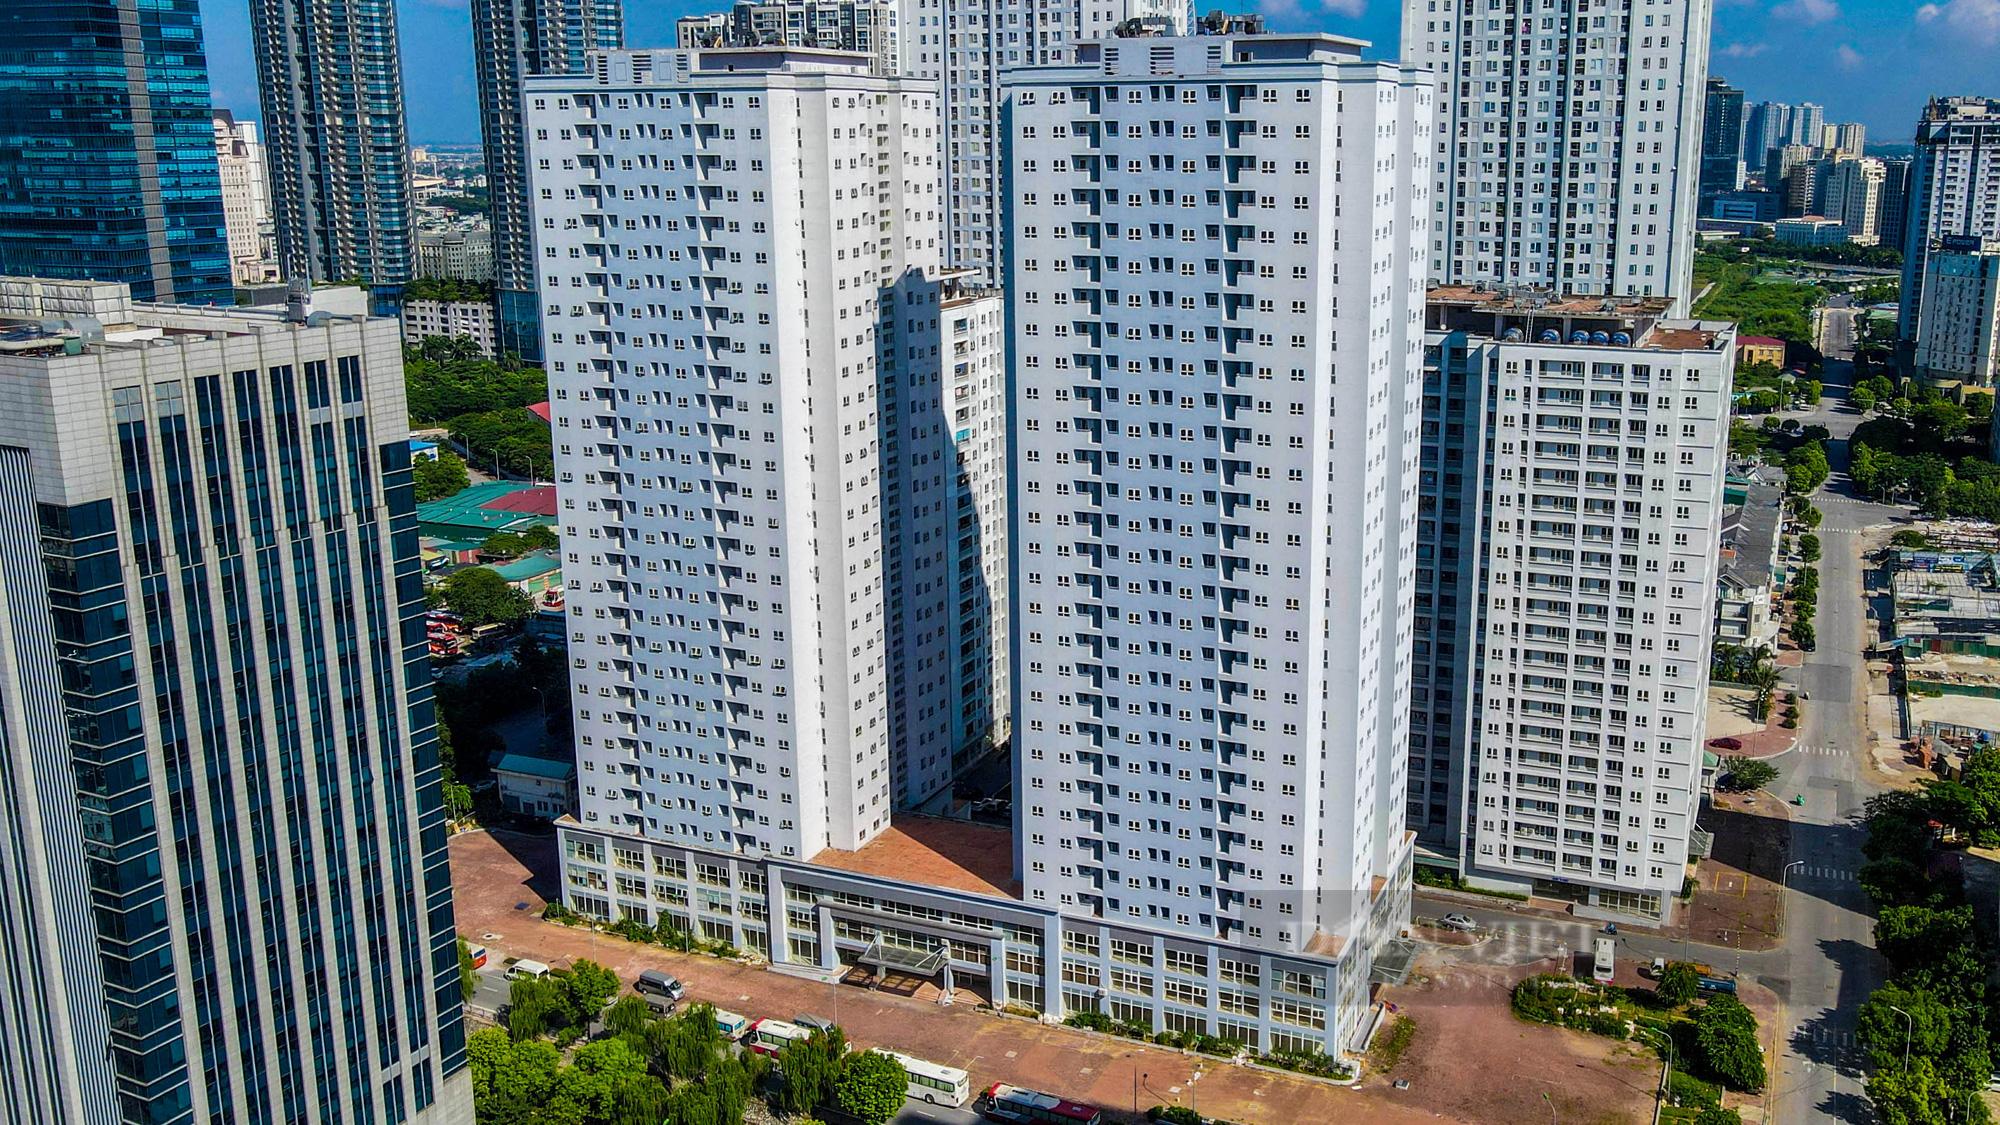 Điểm qua các khu nhà tái định cư được trưng dụng là bệnh viện dã chiến tại Hà Nội - Ảnh 5.